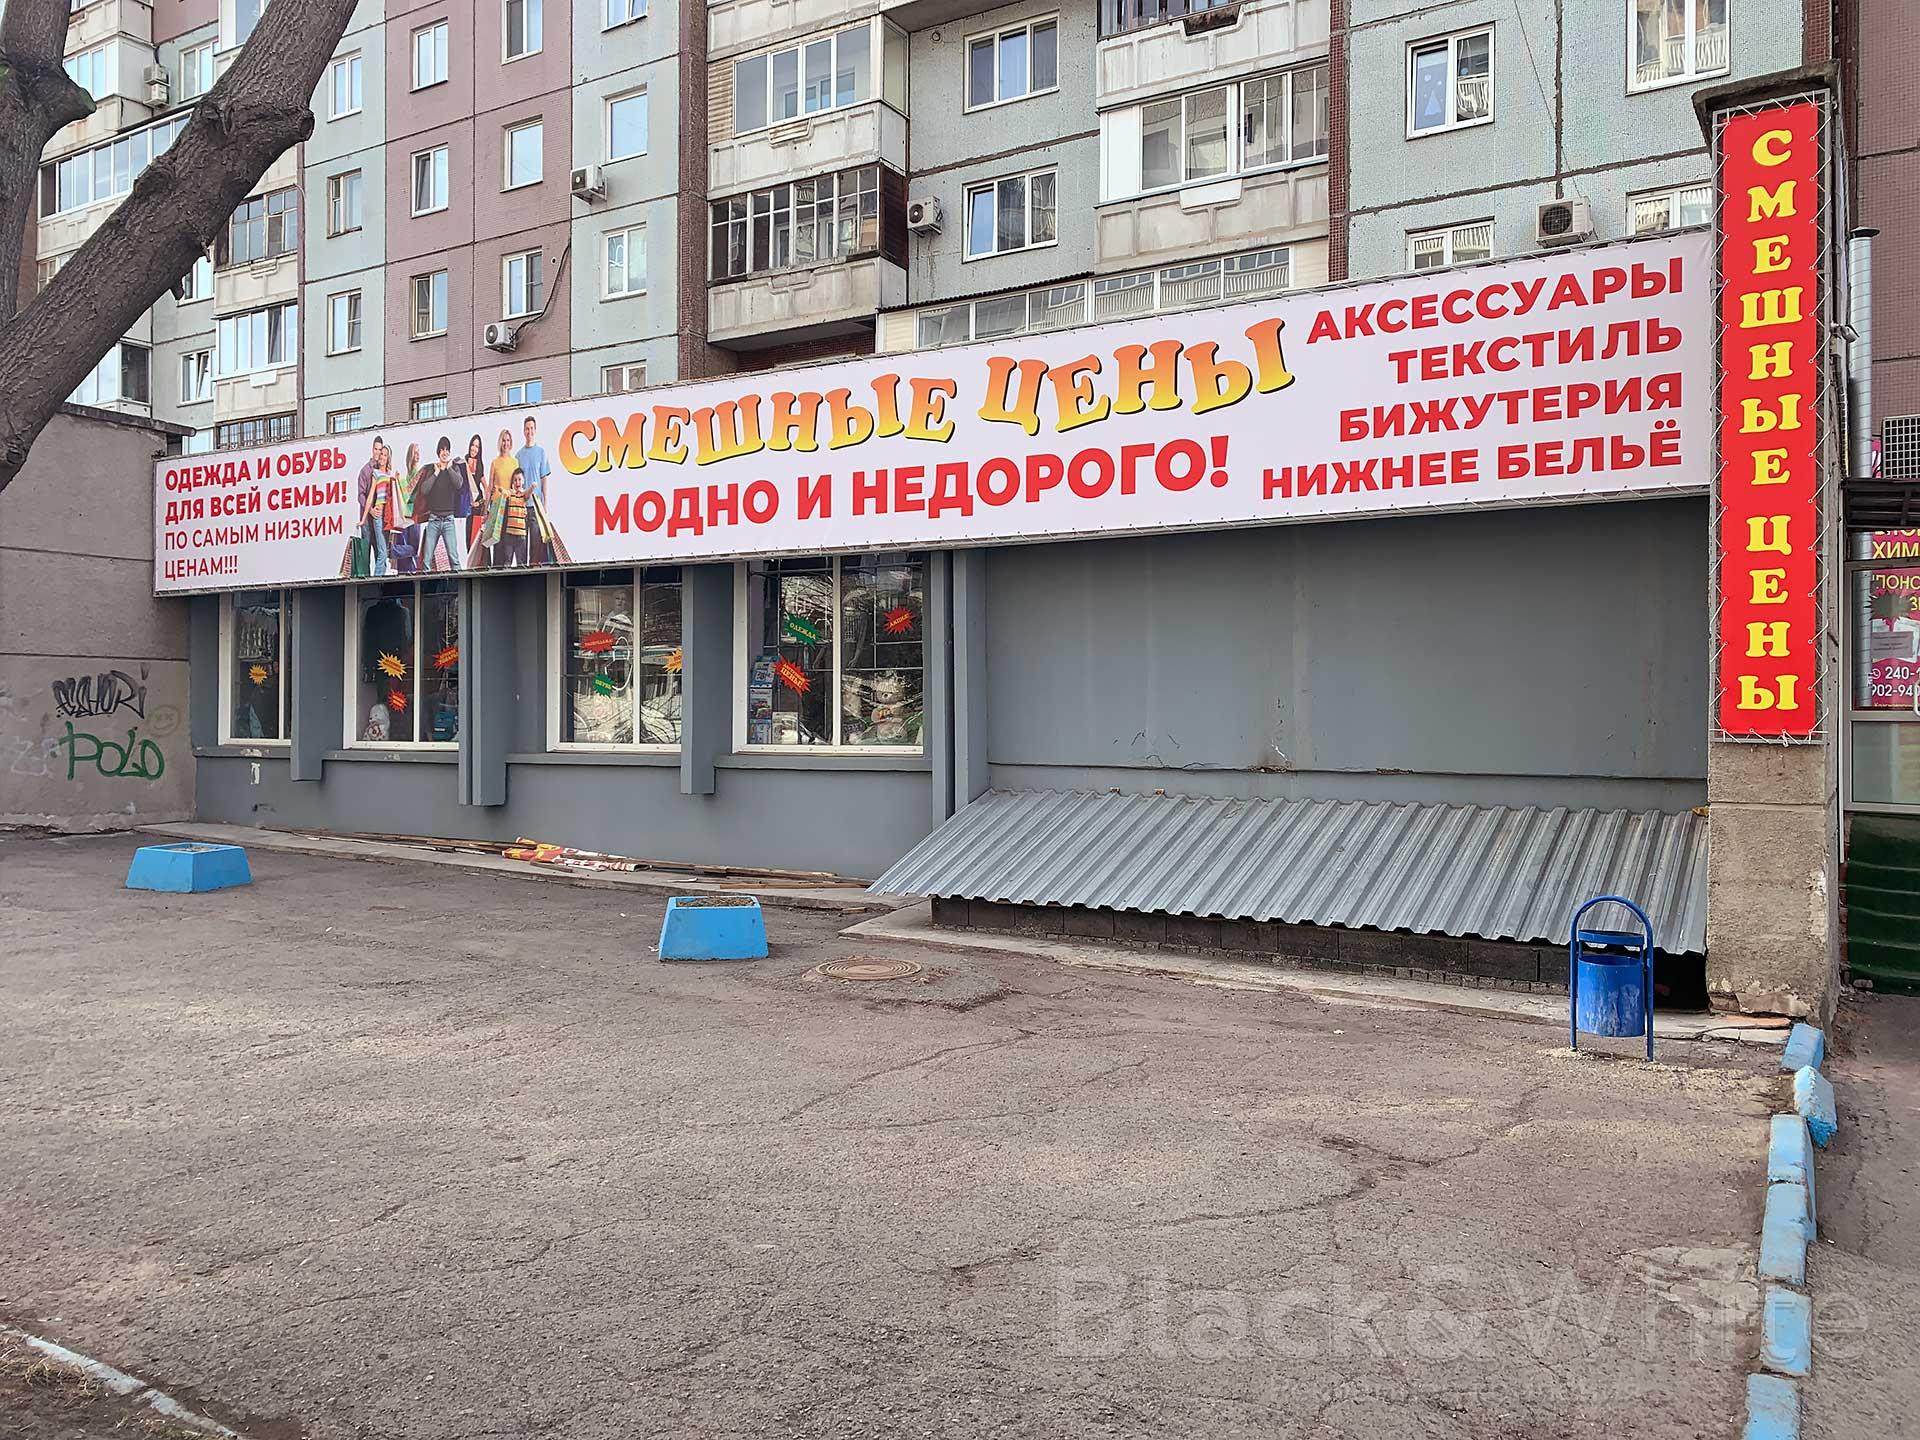 Печать-и-монтаж-баннеров-в-красноярске-изготовление-рамы-для-баннера-Black-&-White...jpg